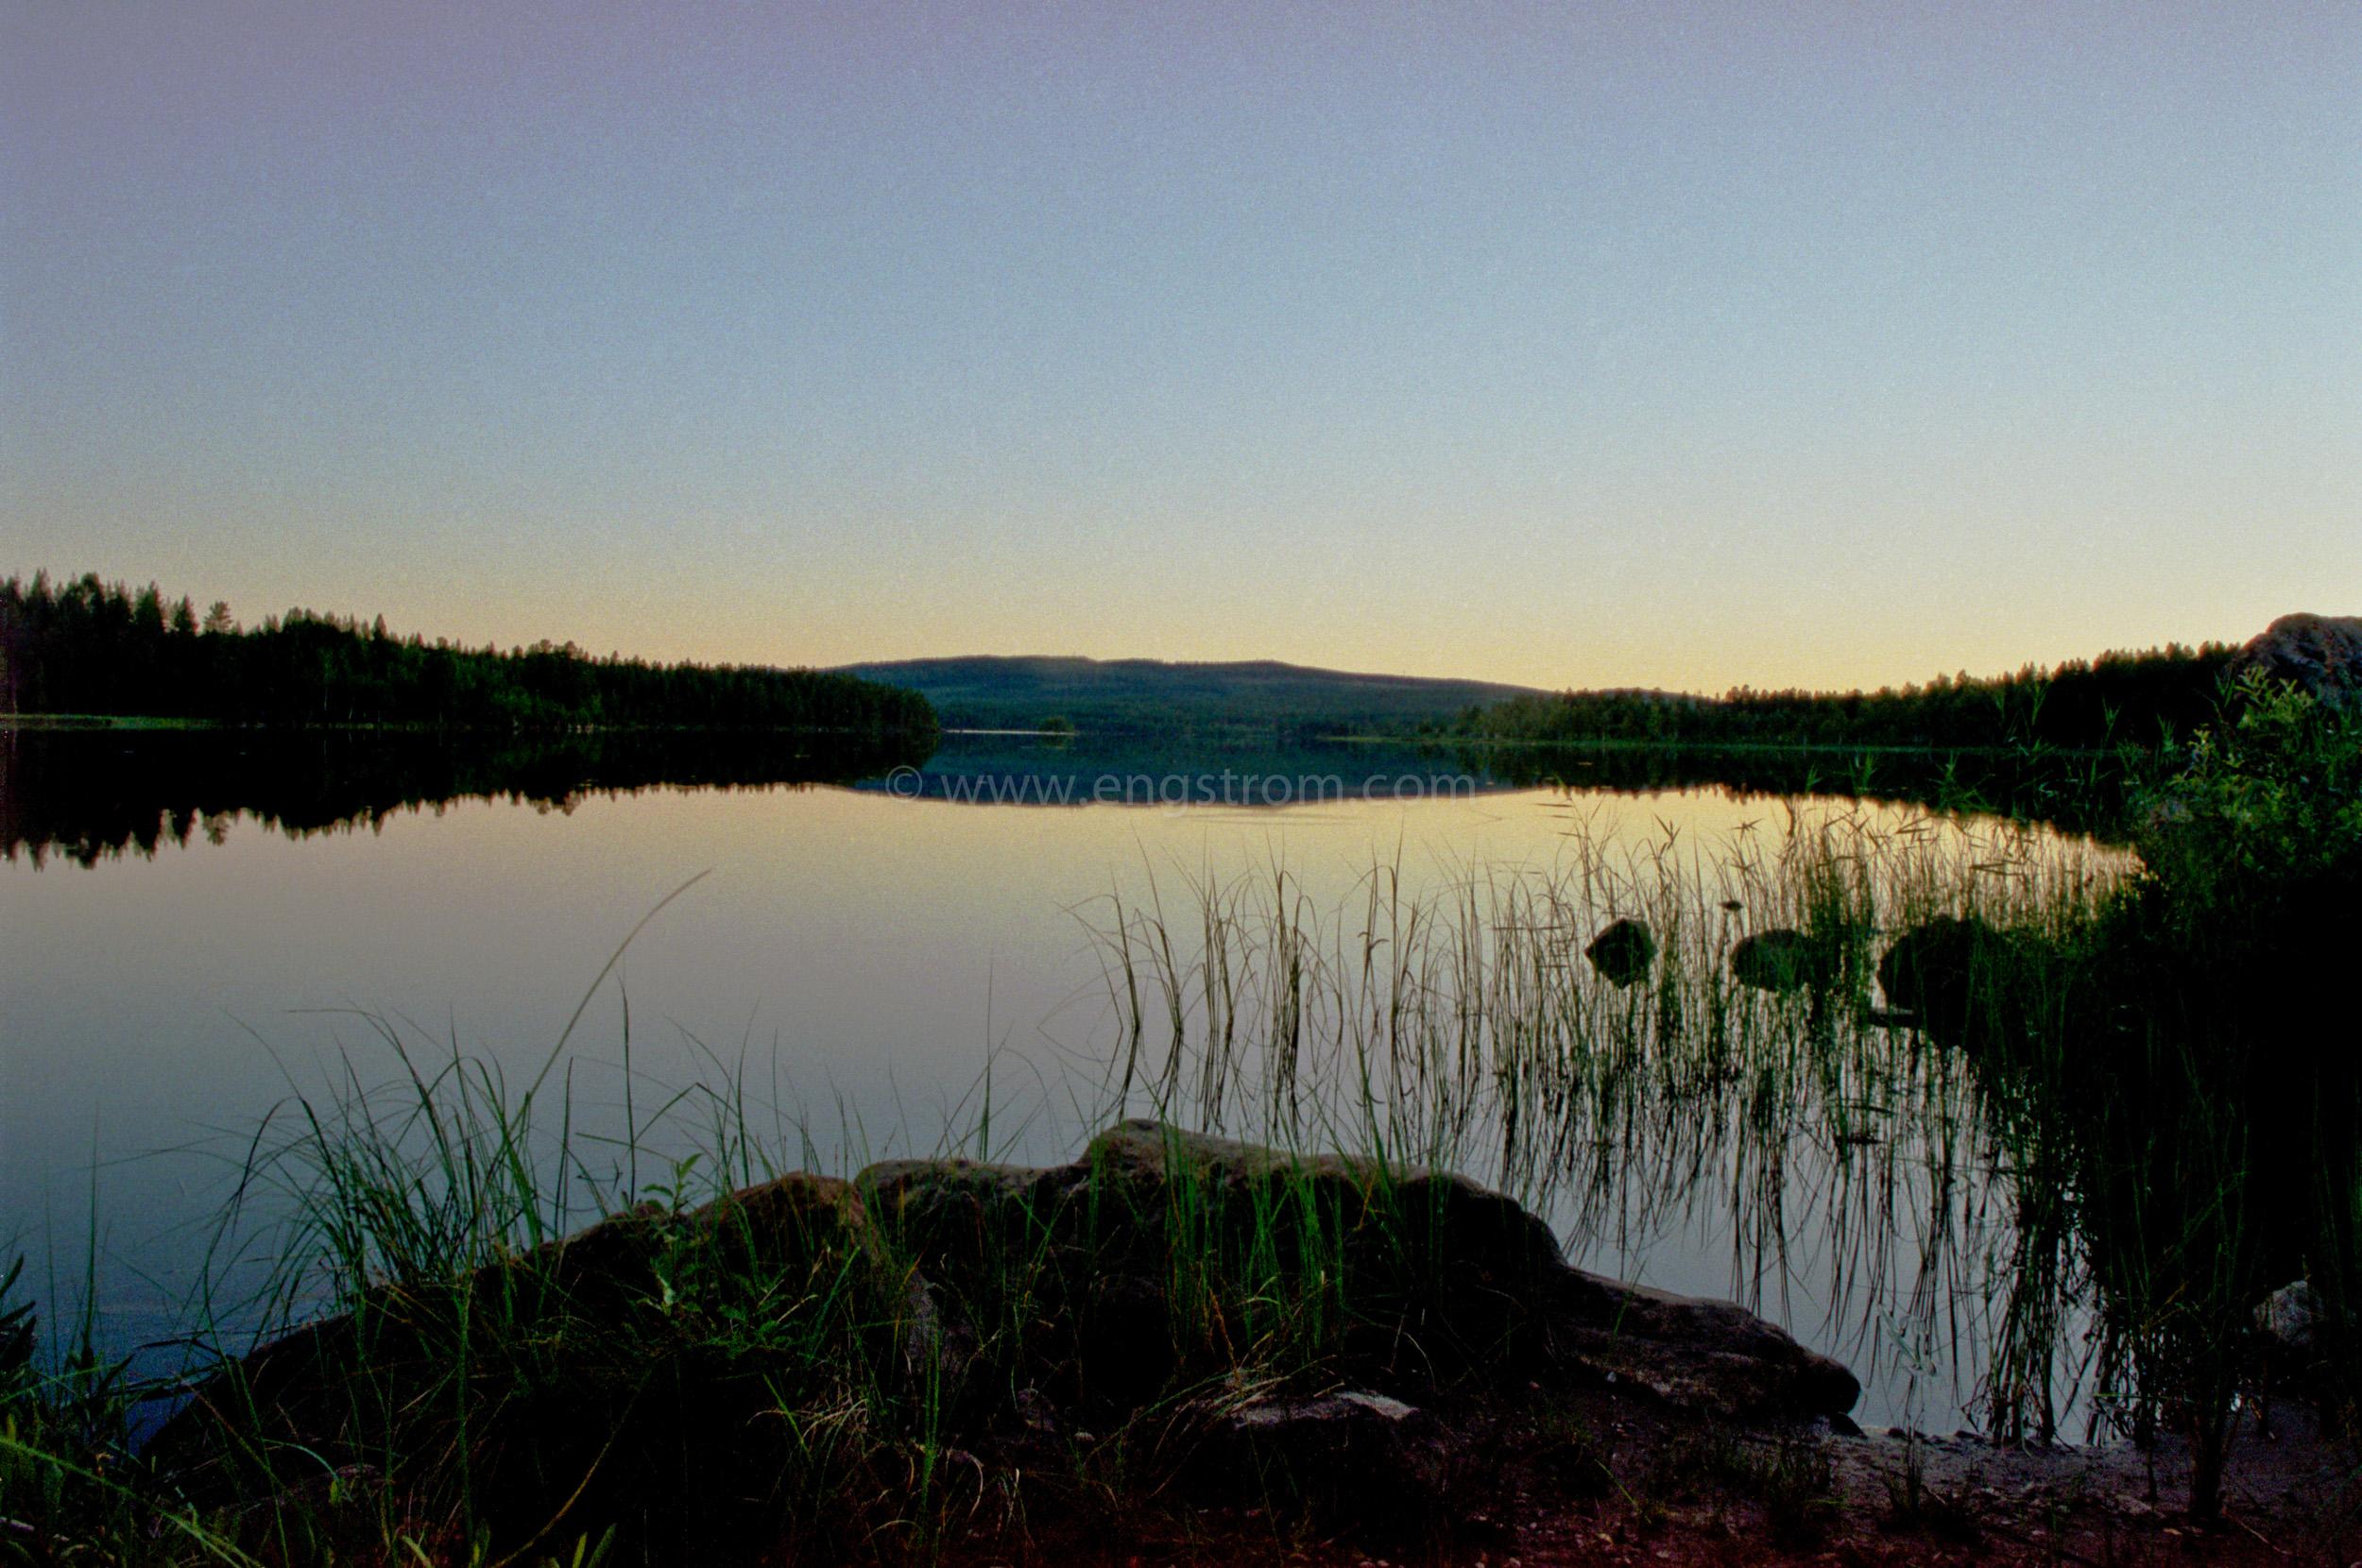 JE0150_1, Solnedgång sommarkväll vid Sånghussjön från Kärrbacken, Jonas Engström